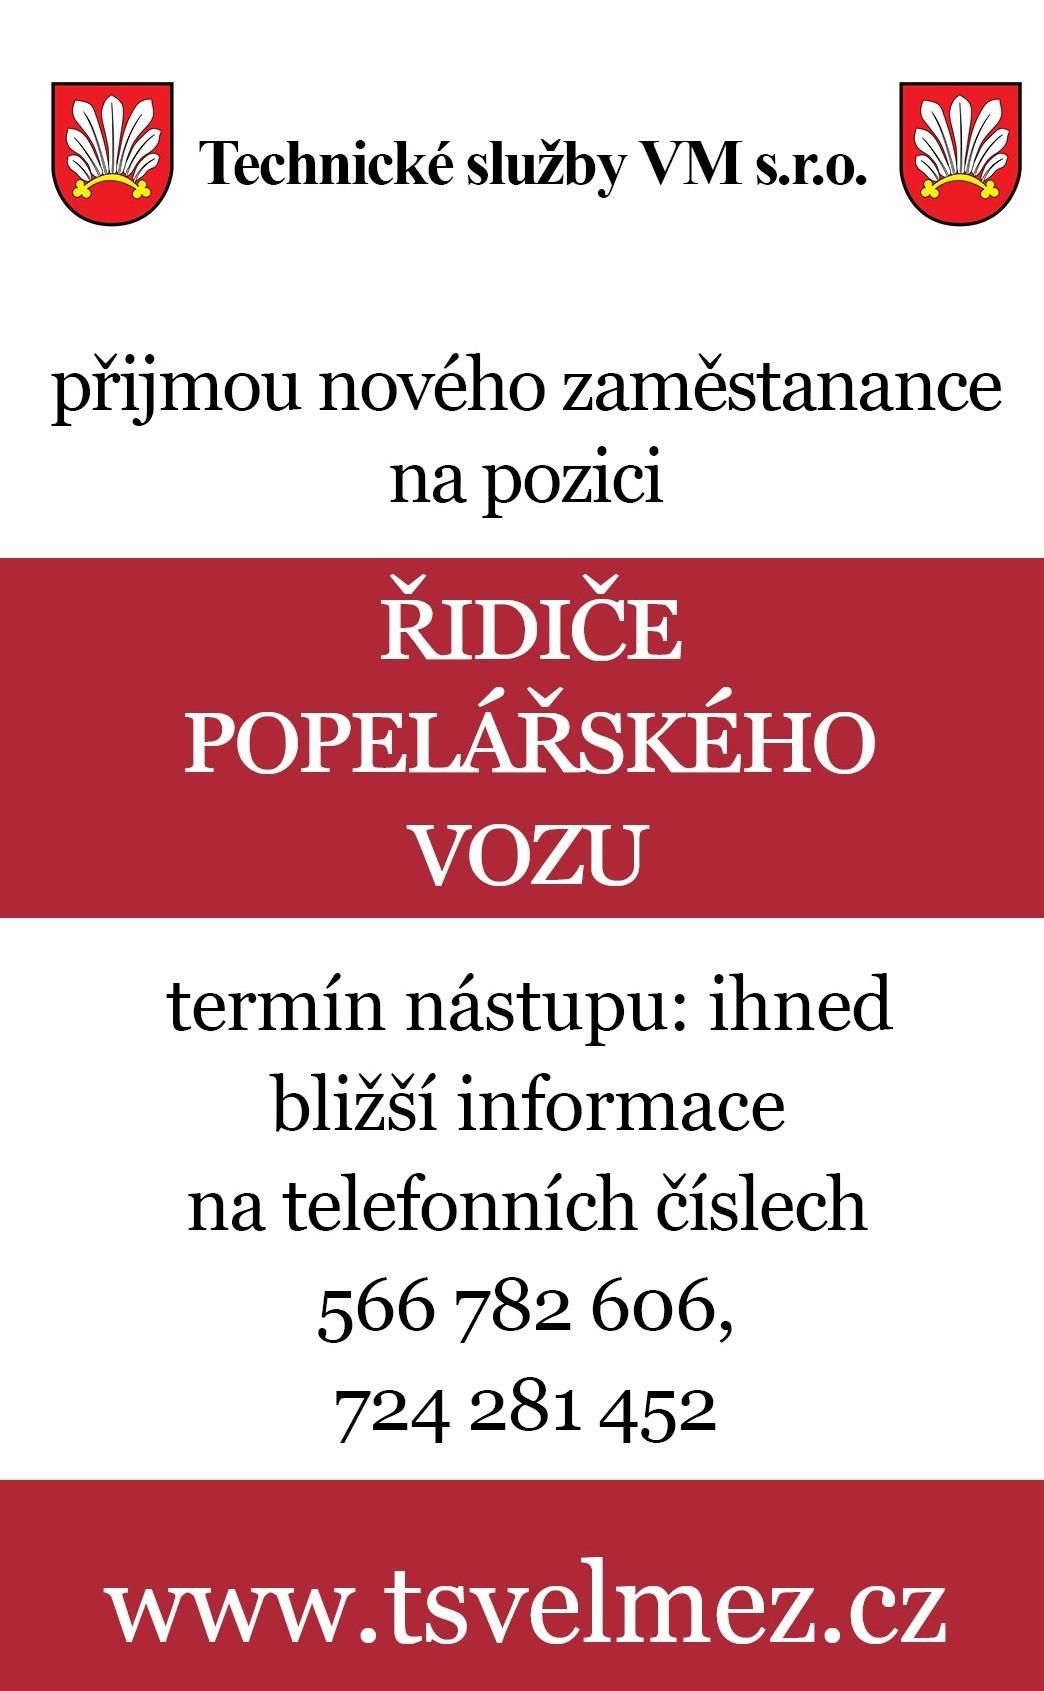 TS Velmez řidič_ banner dolu